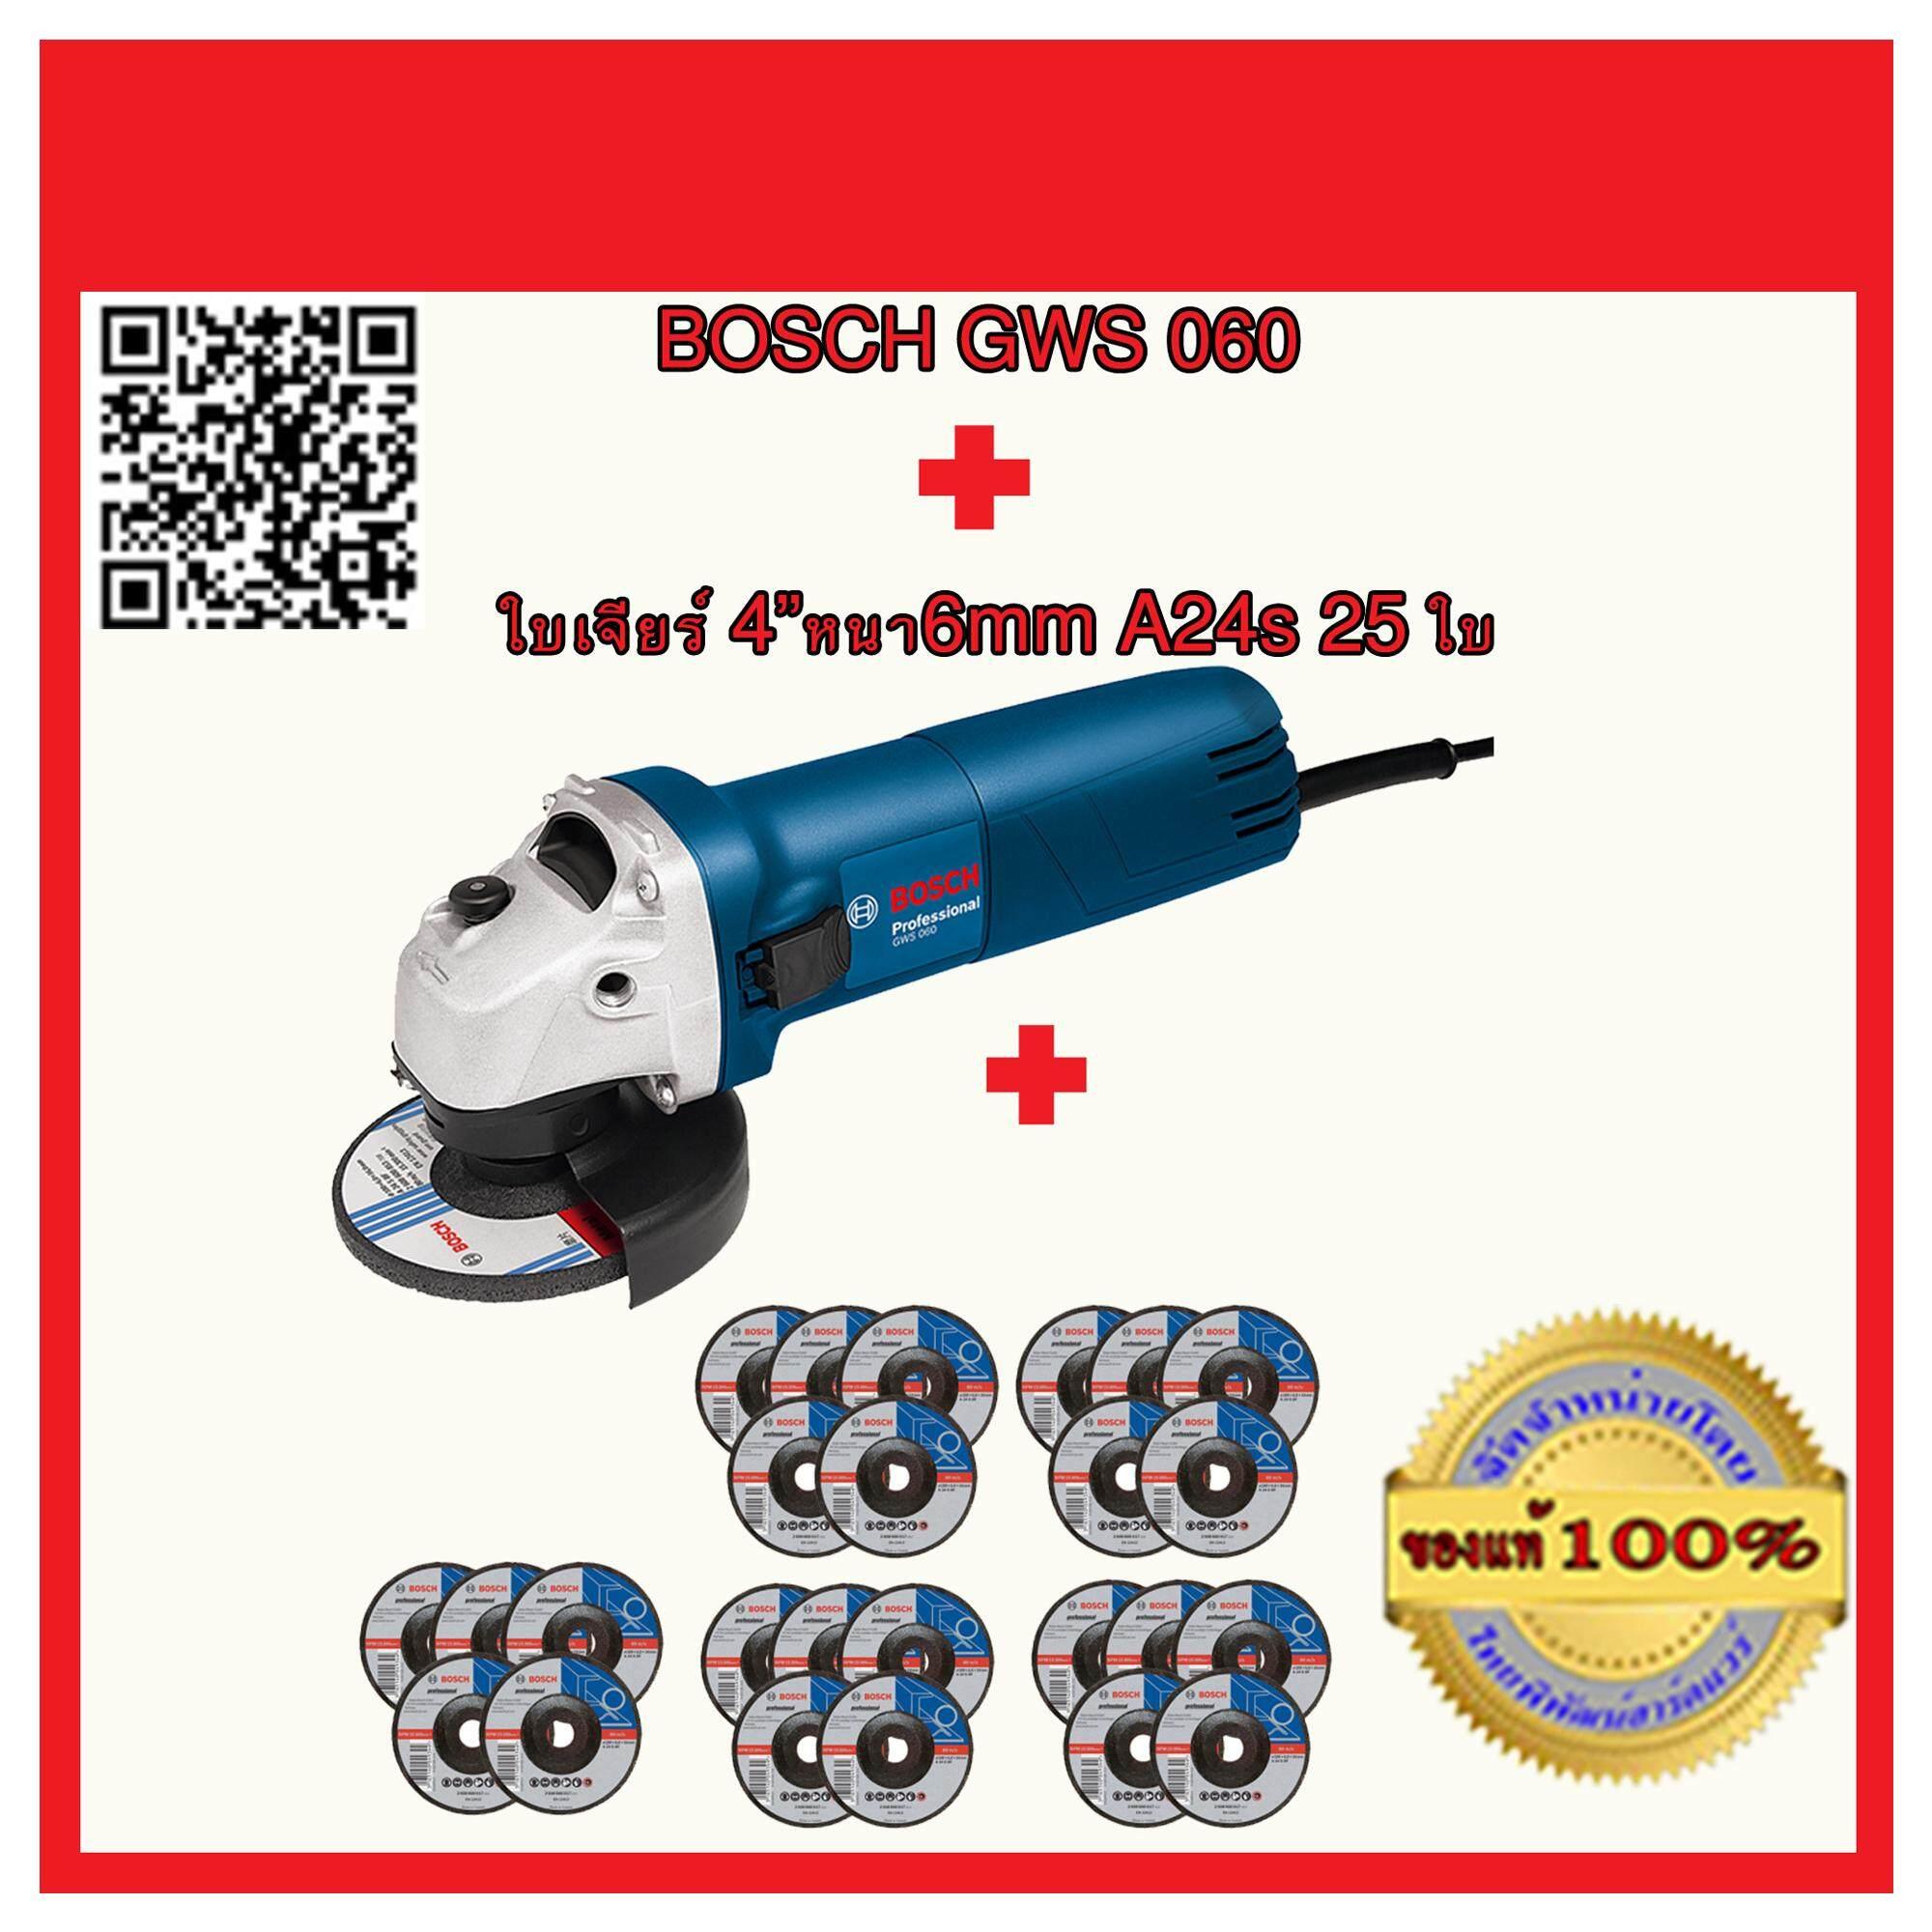 ขายดีมาก! เครื่องเจียร์ BOSCH GWS060 +ใบเจียร์ BOSCH4นิ้ว A24S 25ใบ ของแท้ 100% ส่งฟรี KERRY